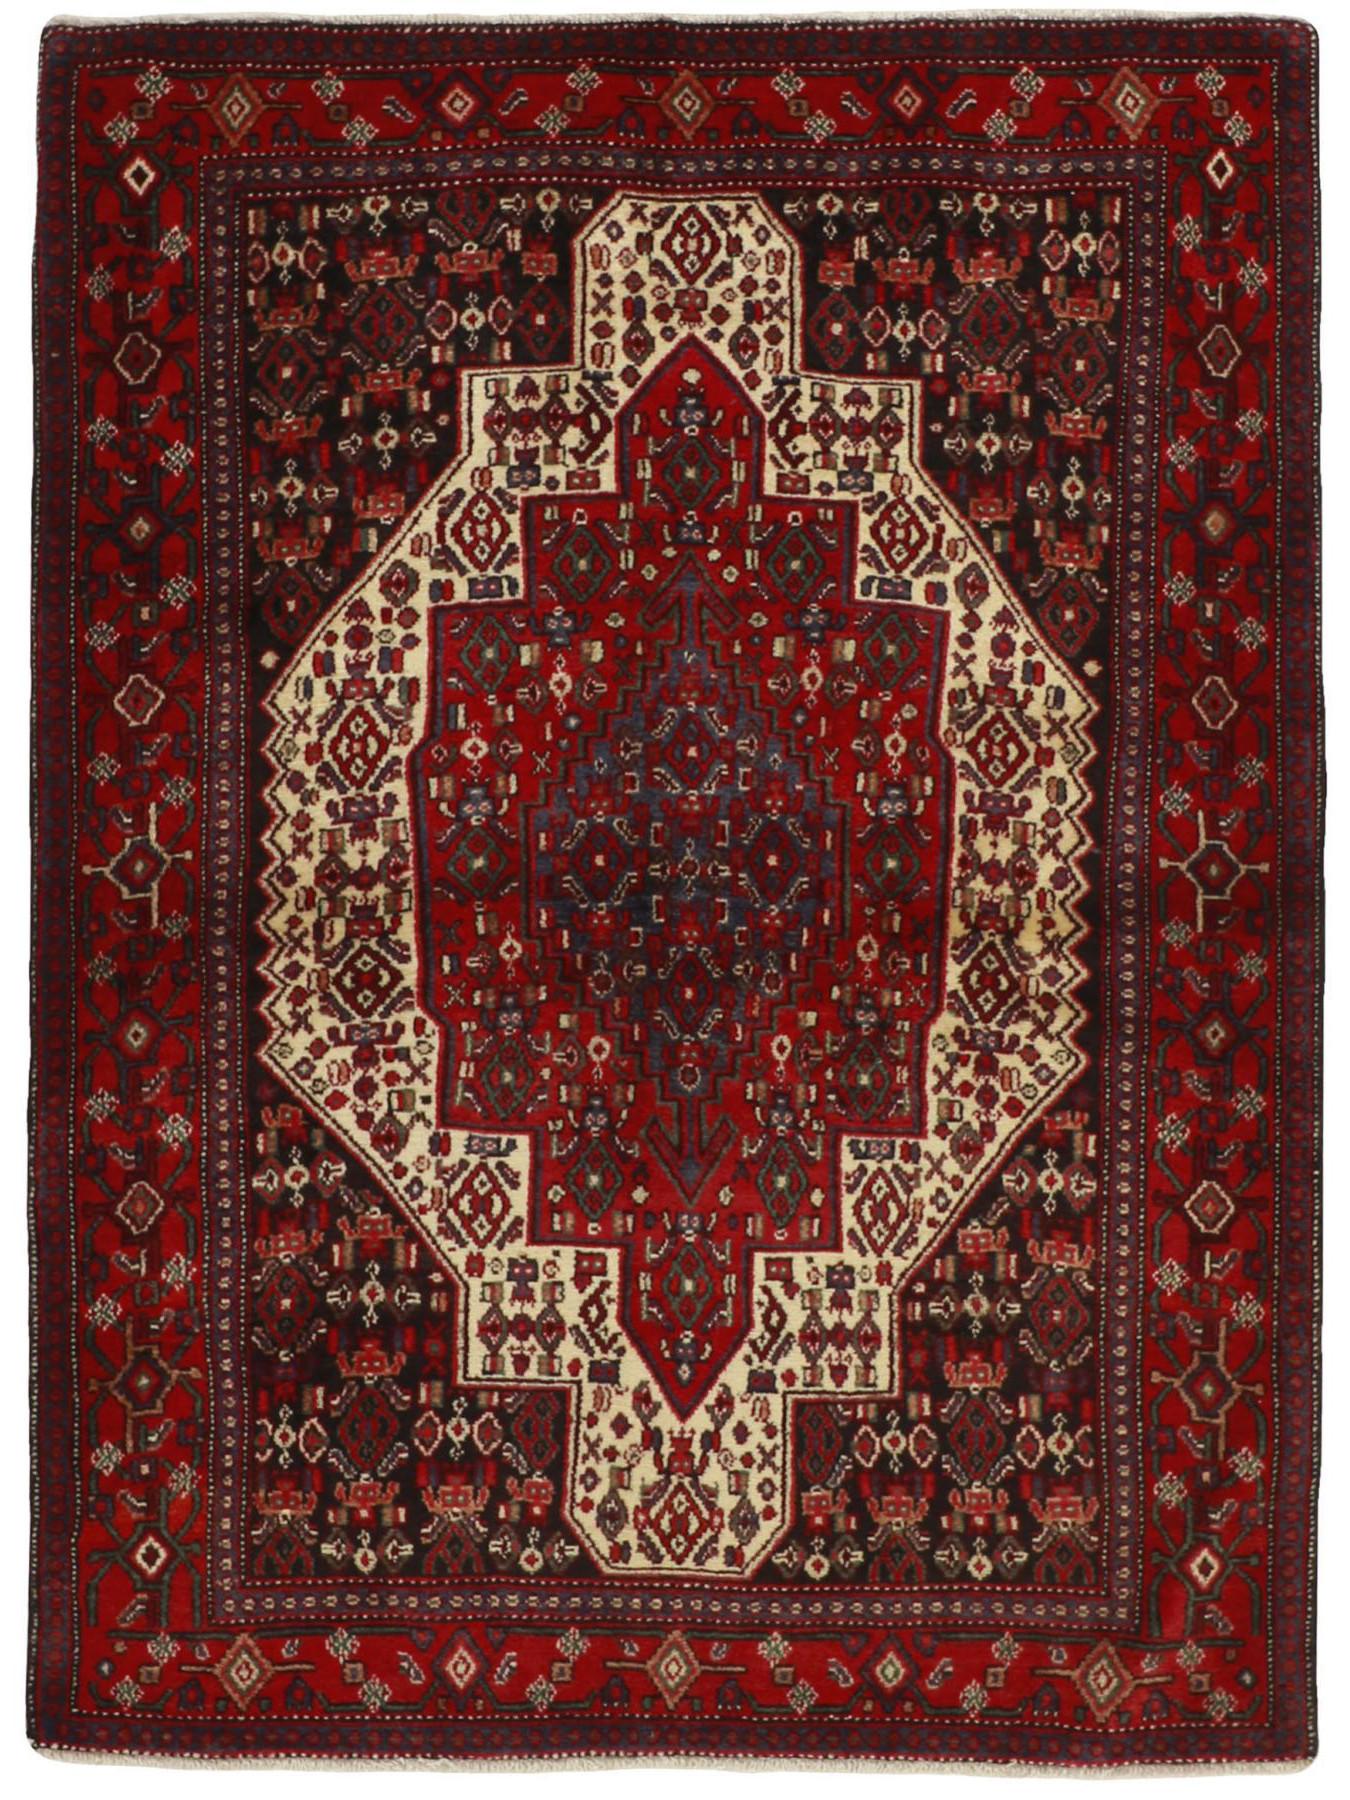 Perzische tapijten - Senneh